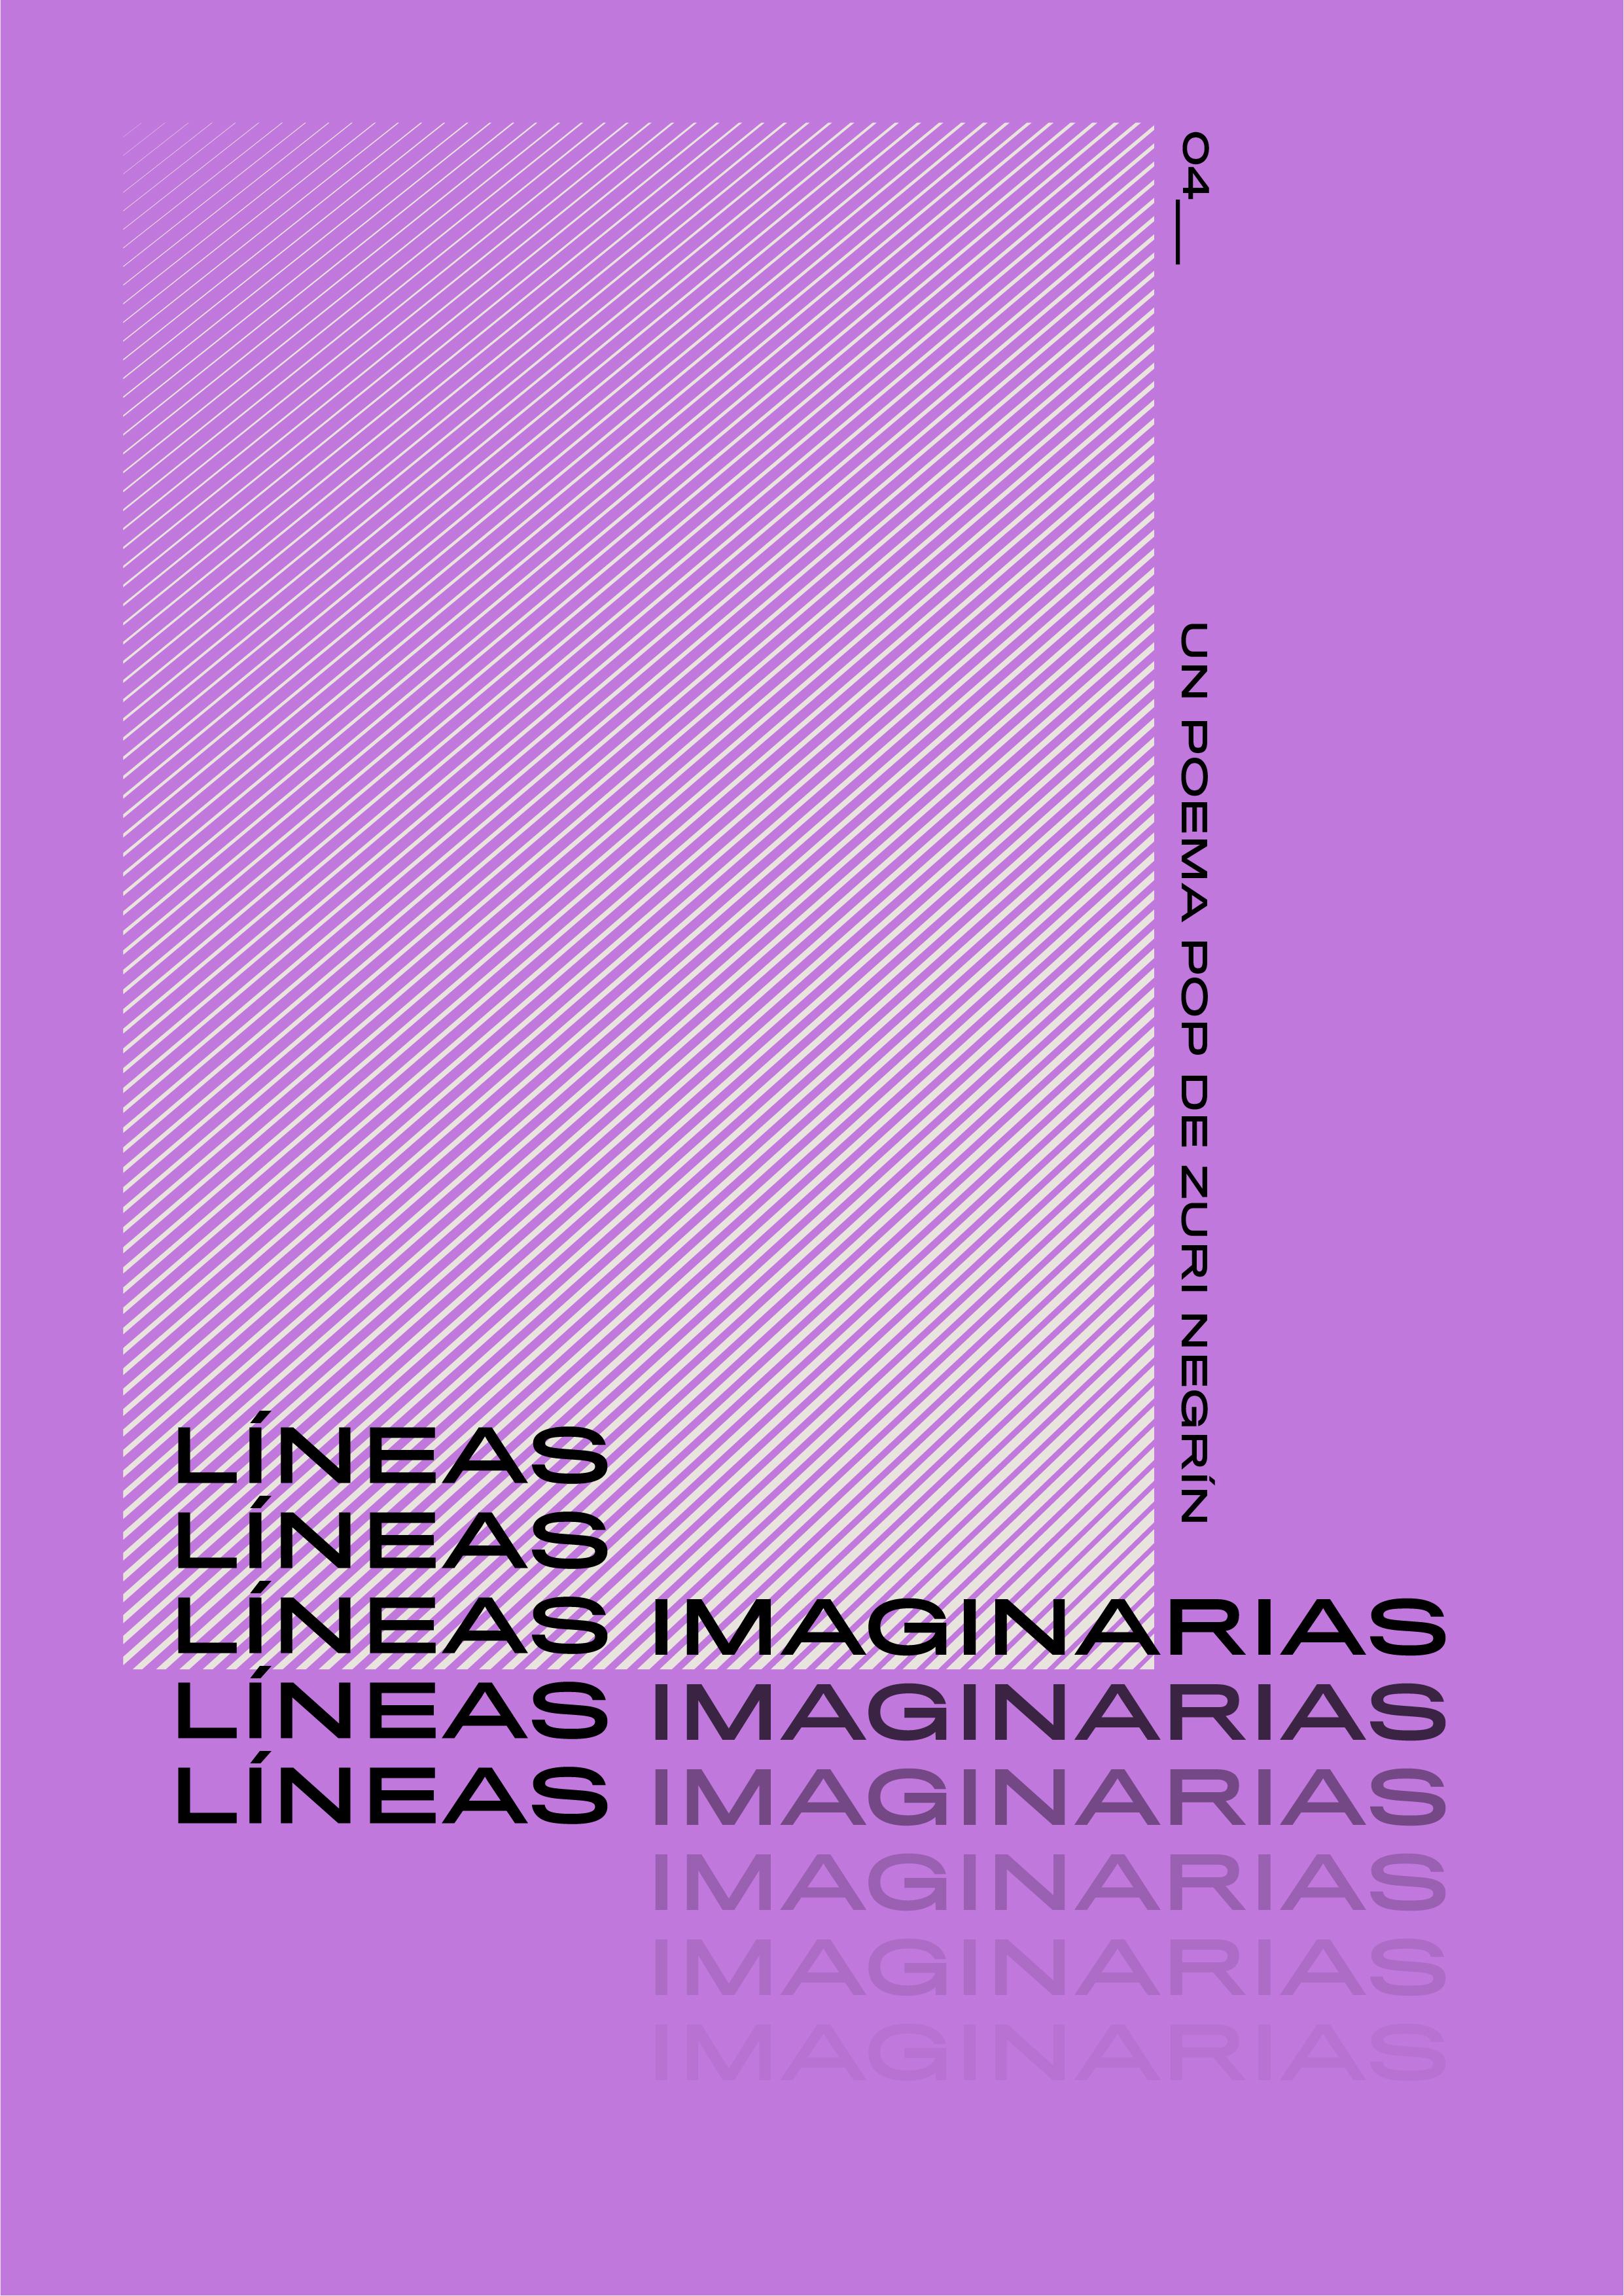 POP_04 Líneas imaginarias